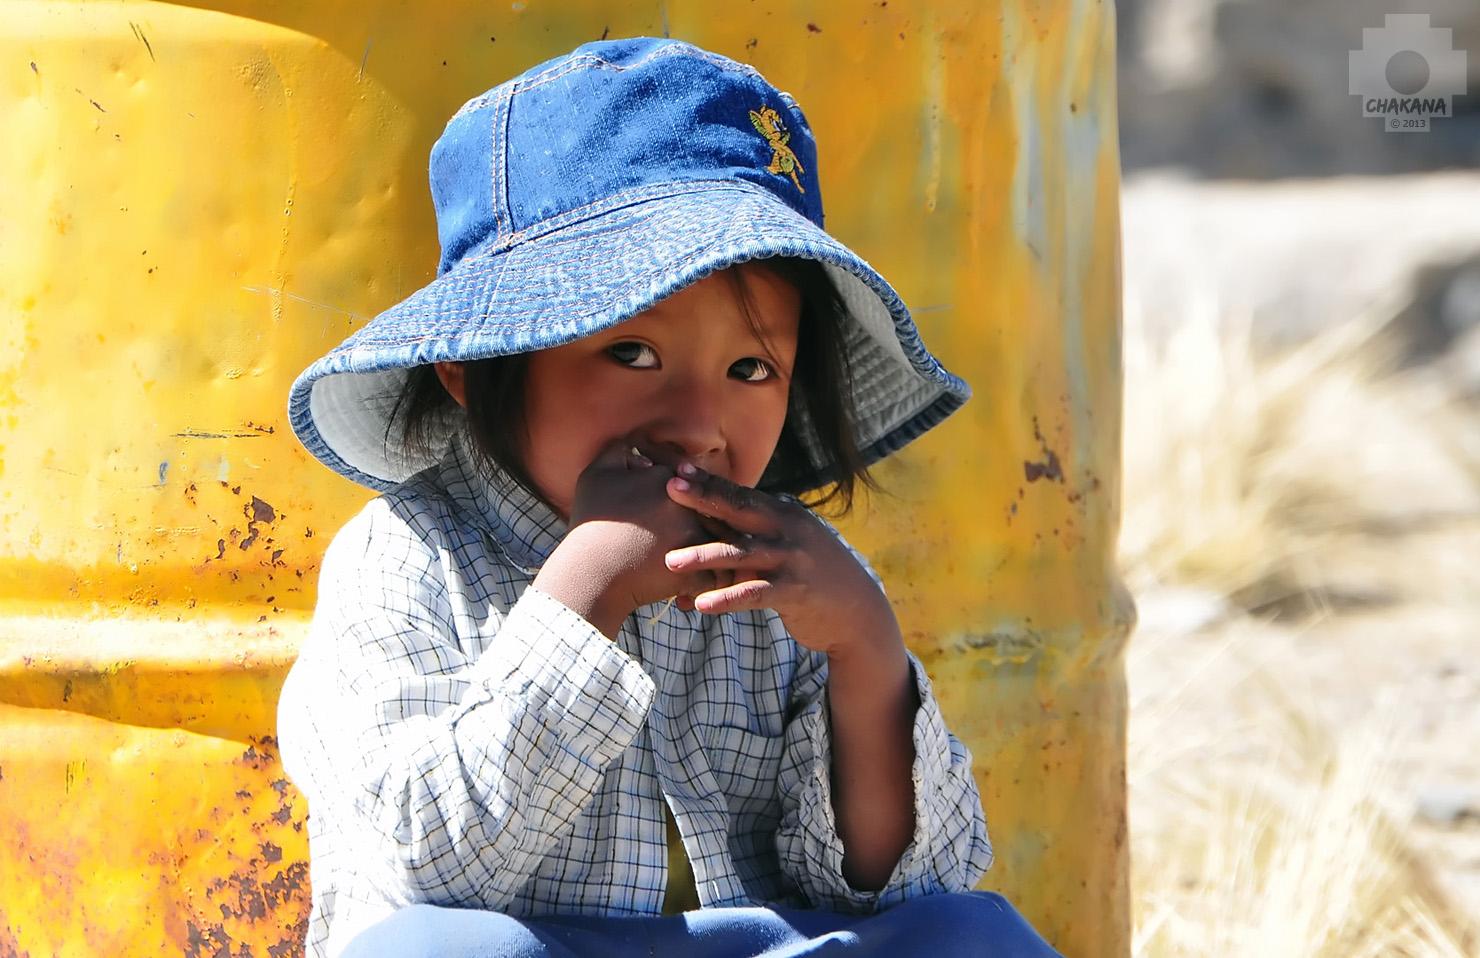 Peruanisches Kind